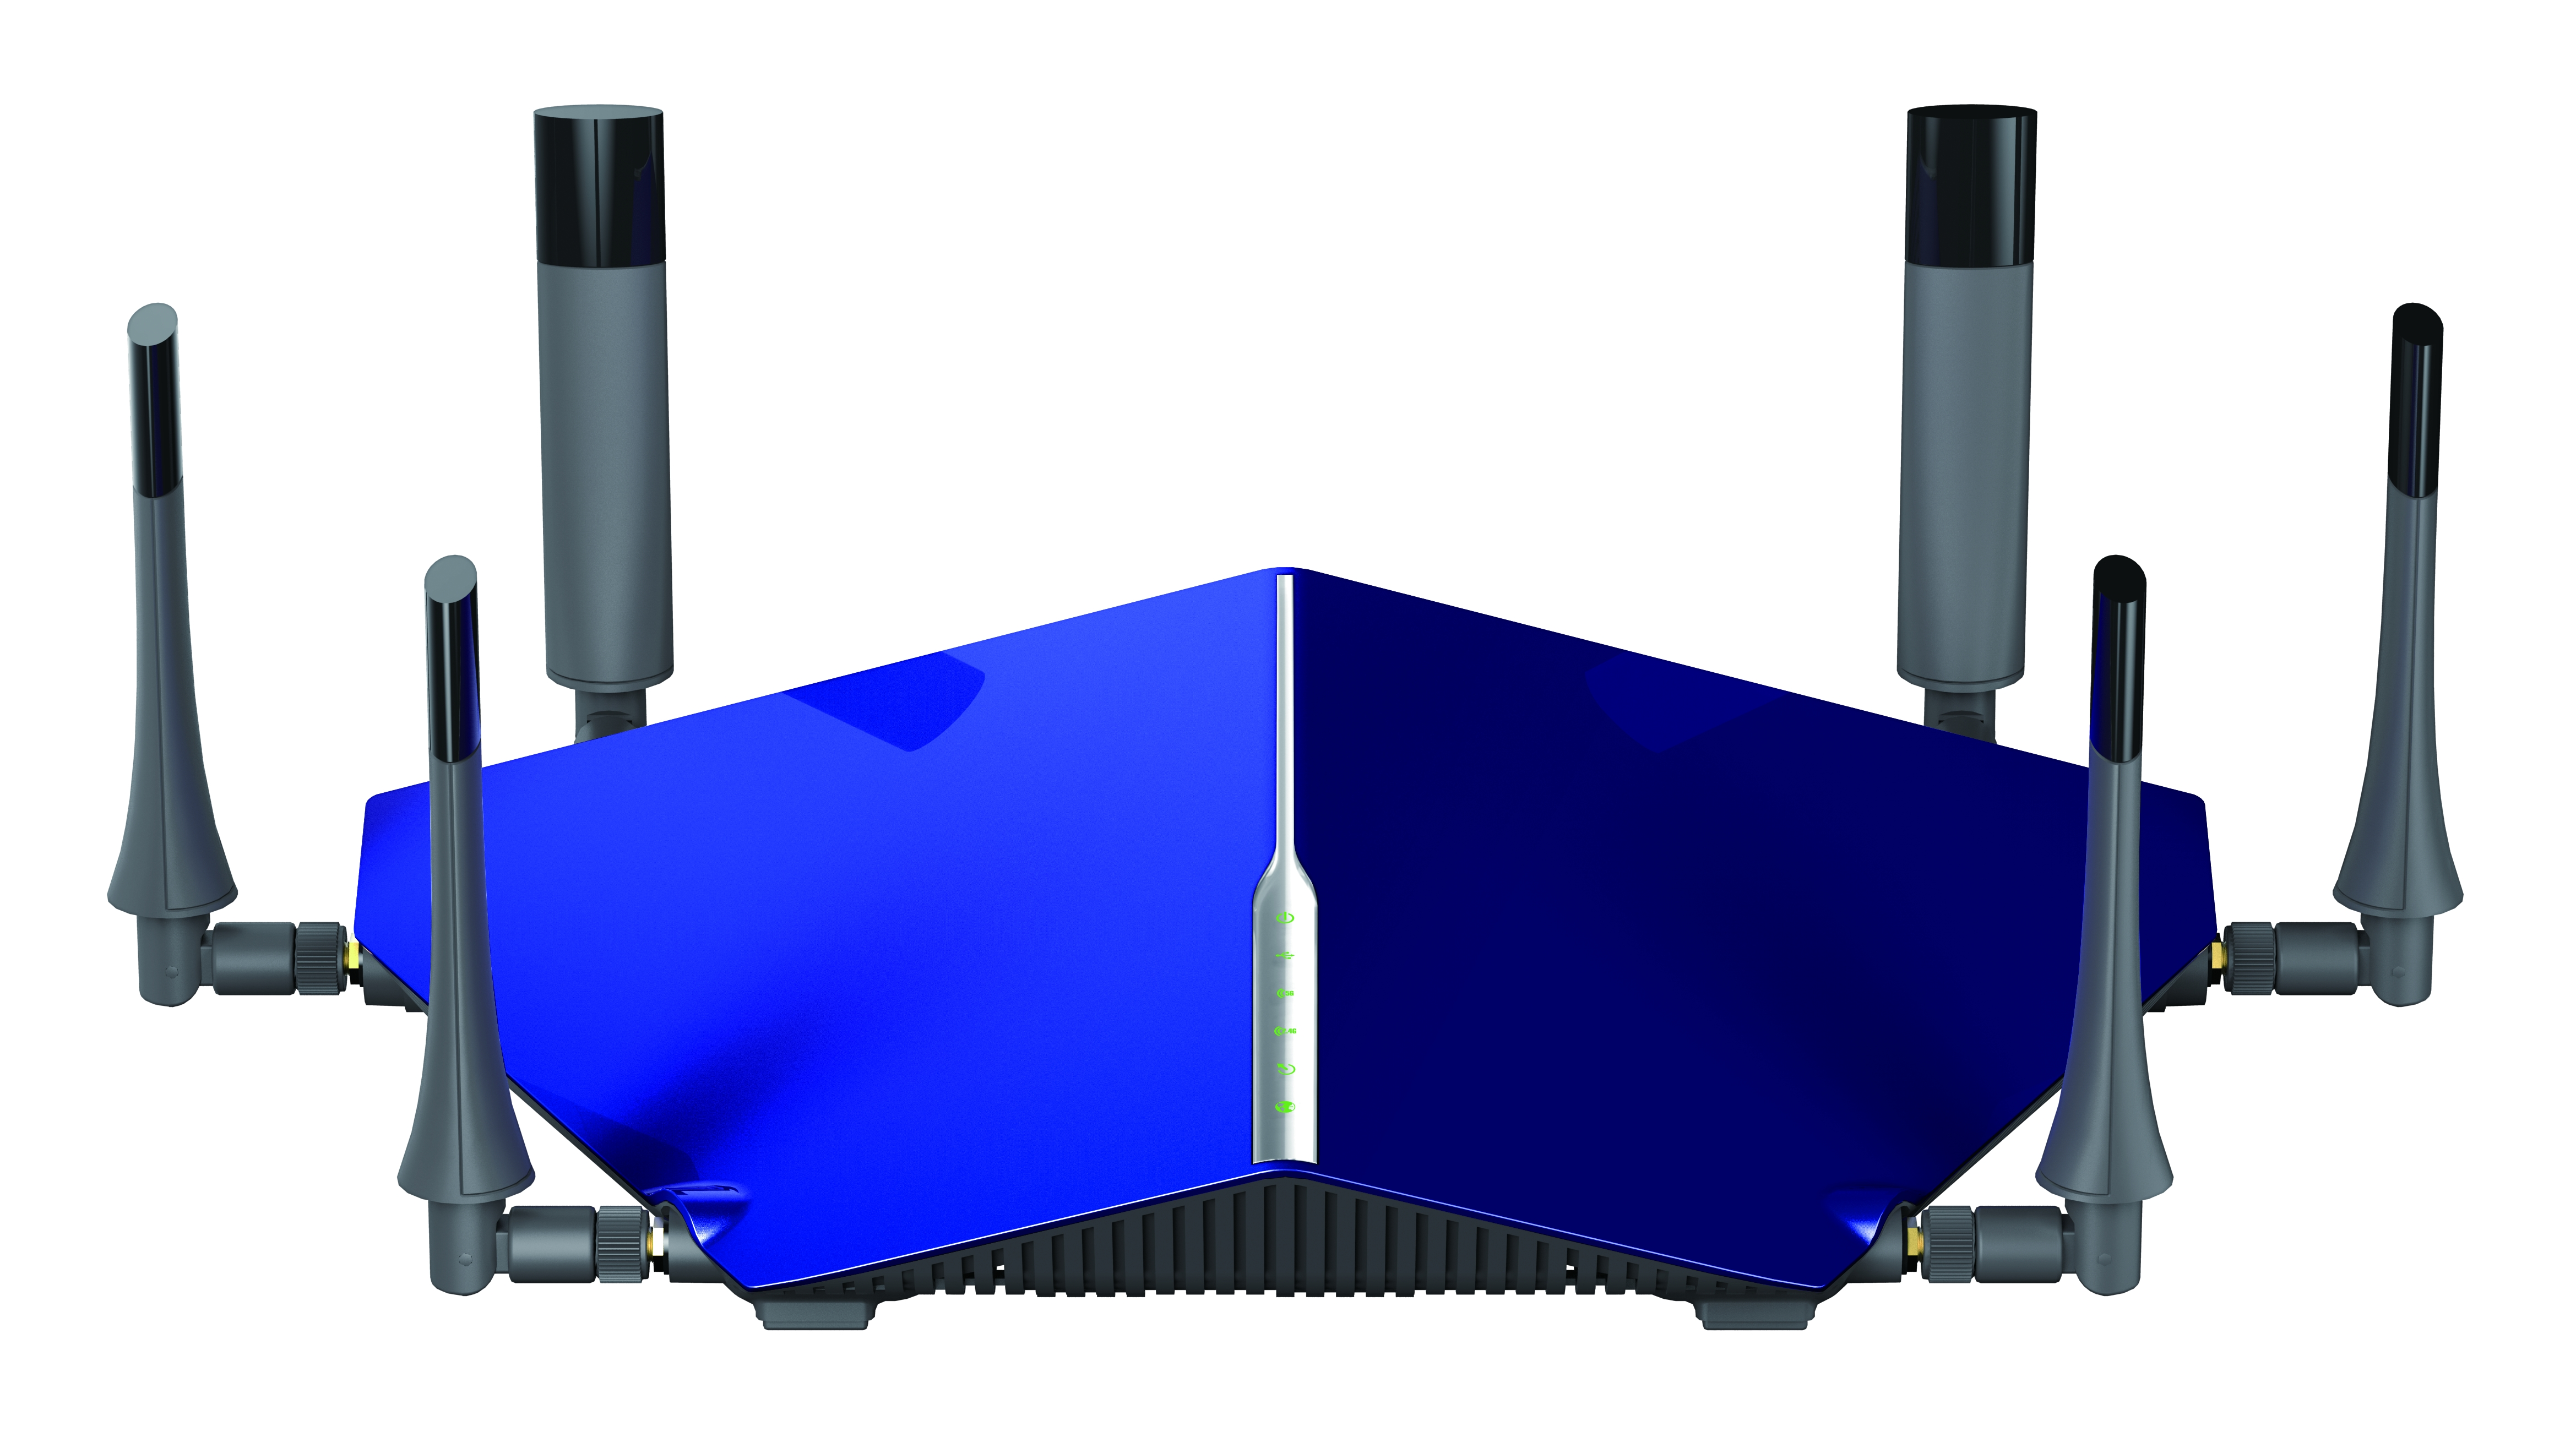 超高速無線VDSL路由器